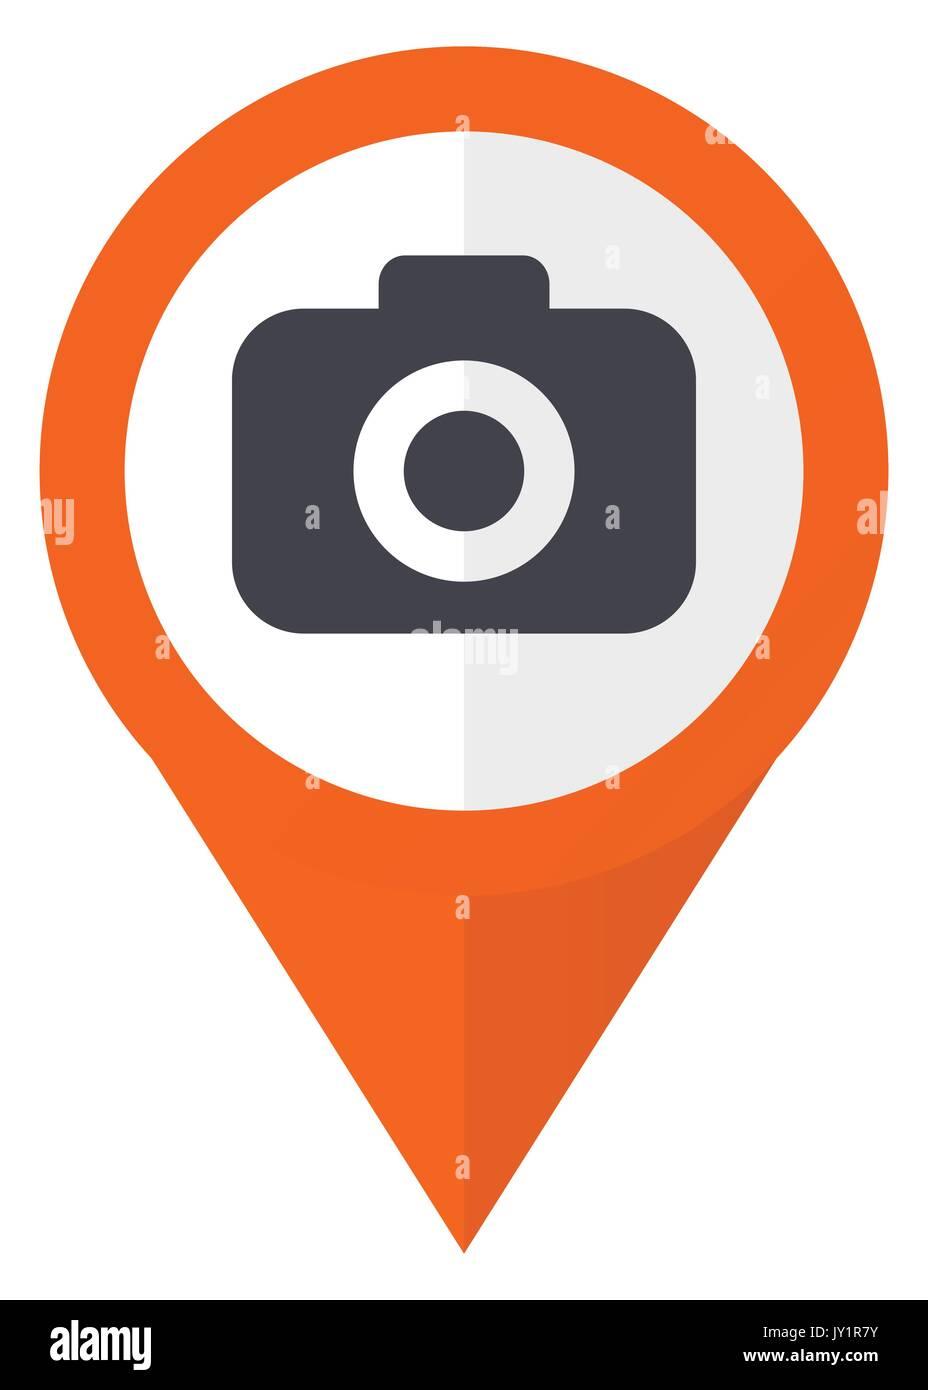 Macchina fotografica puntatore arancione icona vettoriale in formato eps 10 isolato su sfondo bianco. Immagini Stock